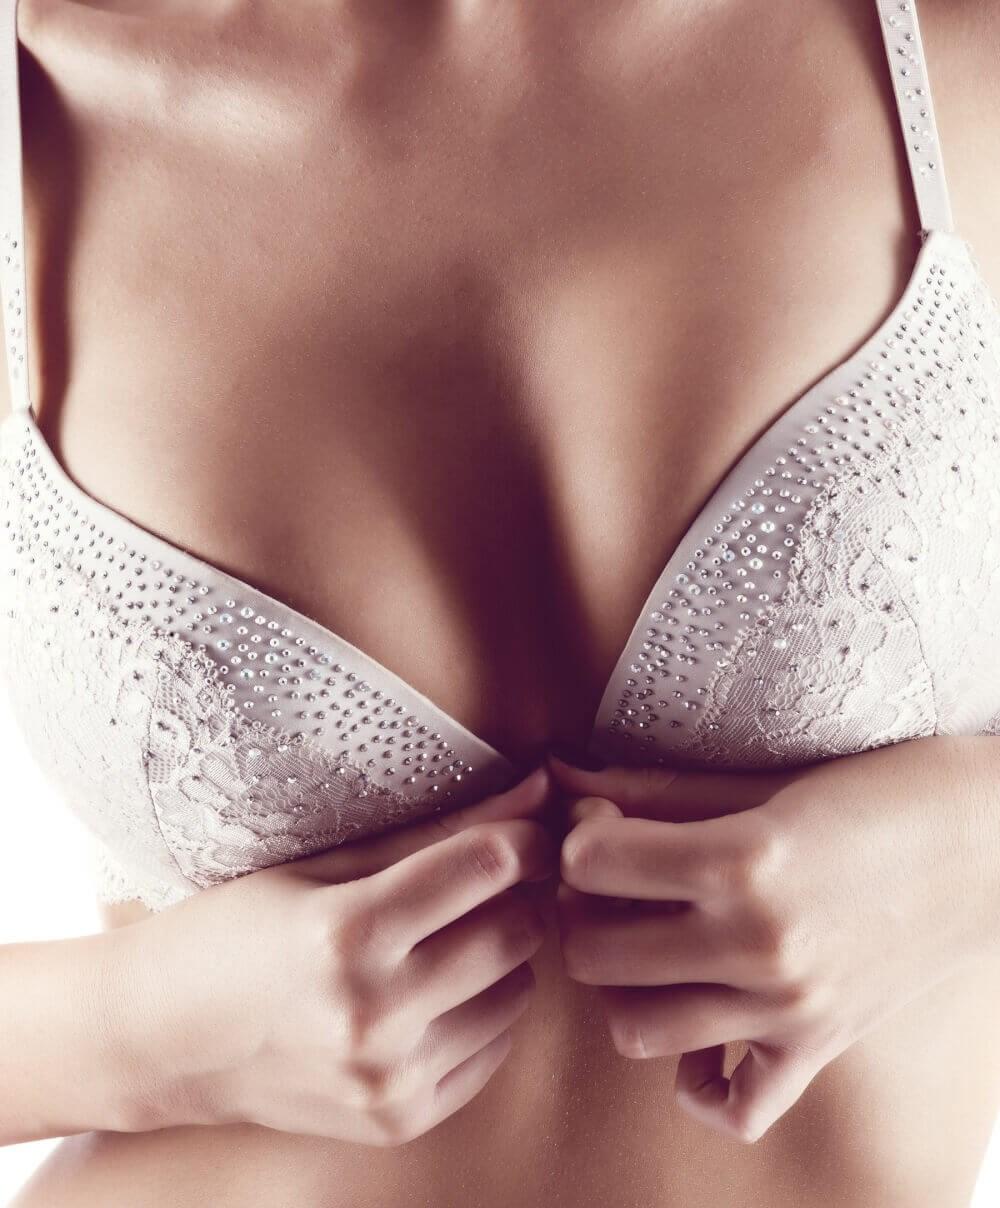 Nude Porn Pics Bd model nowshin sex slutload